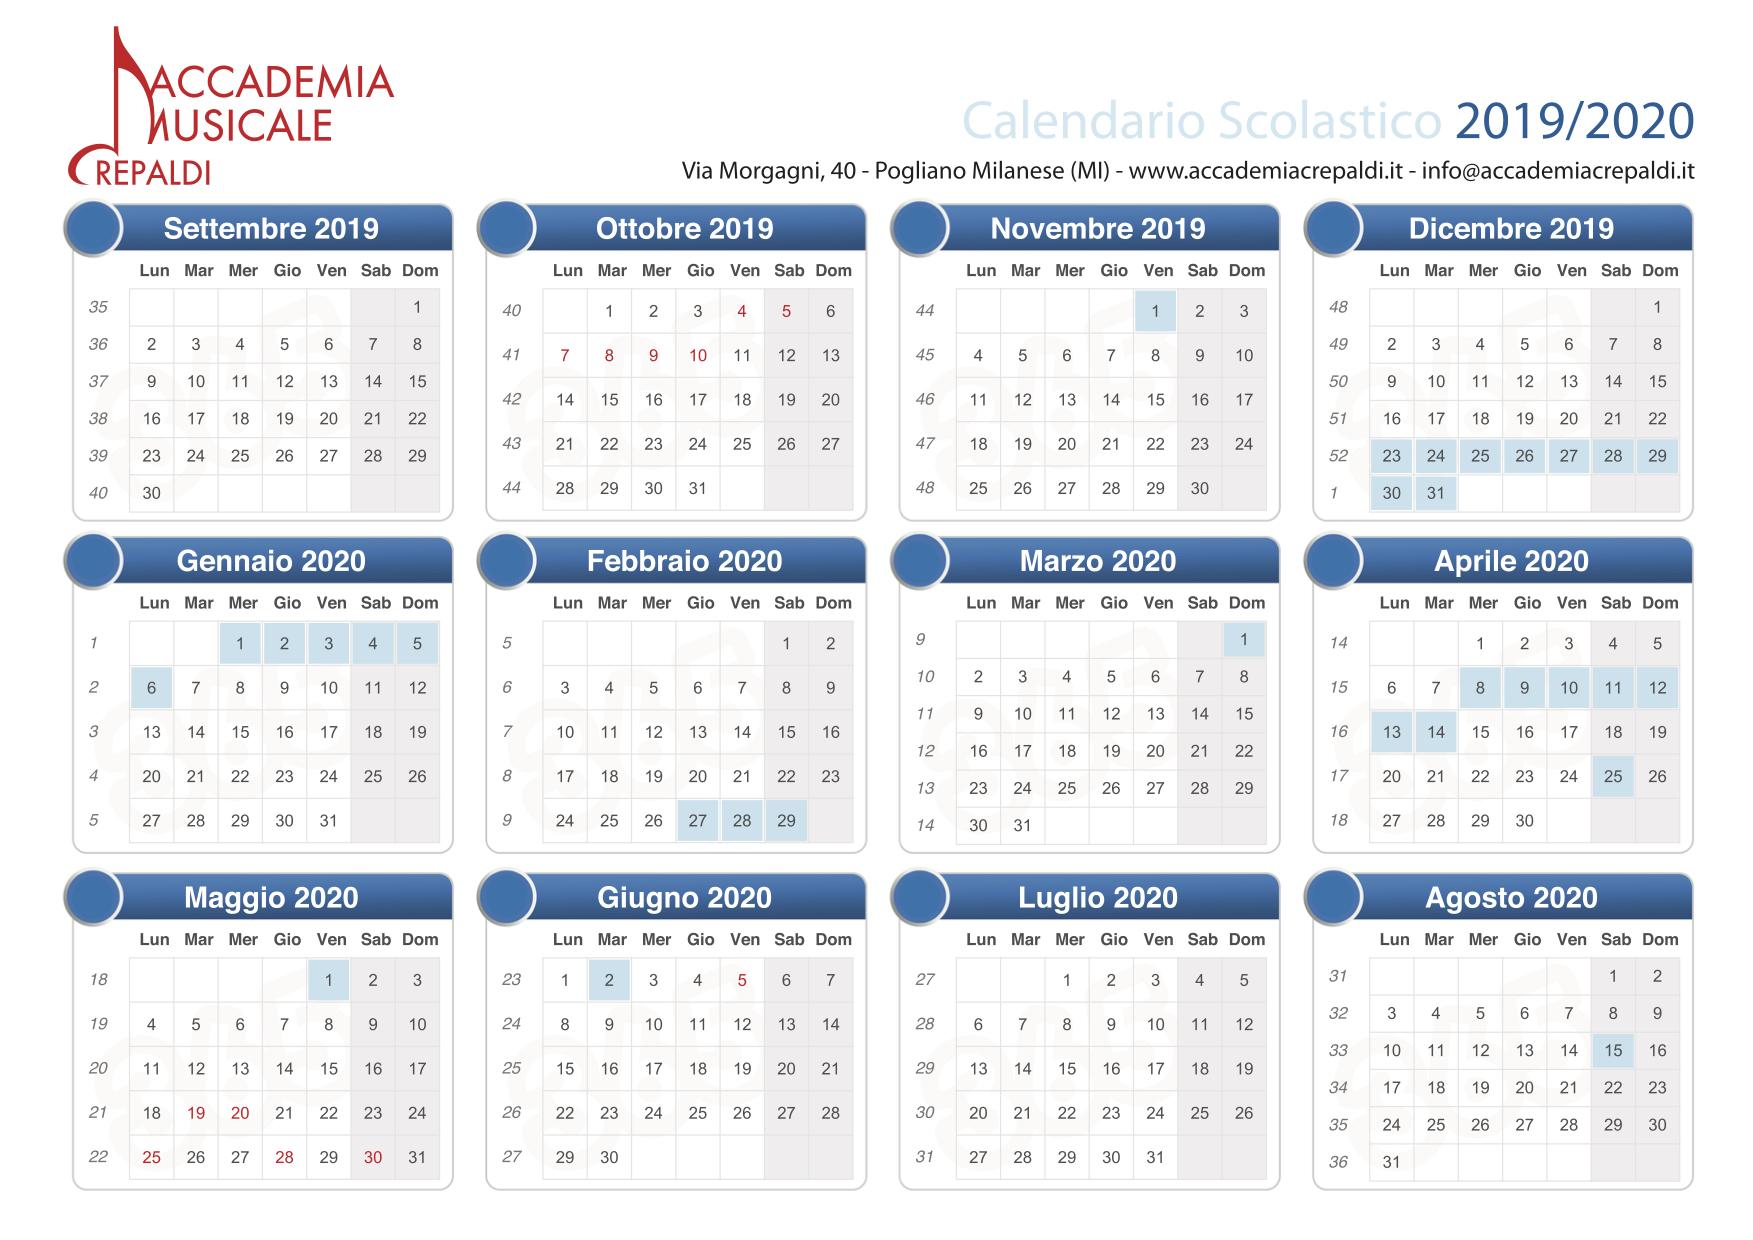 Accademia Musicale Crepaldi - Calendario scolastico 19/20